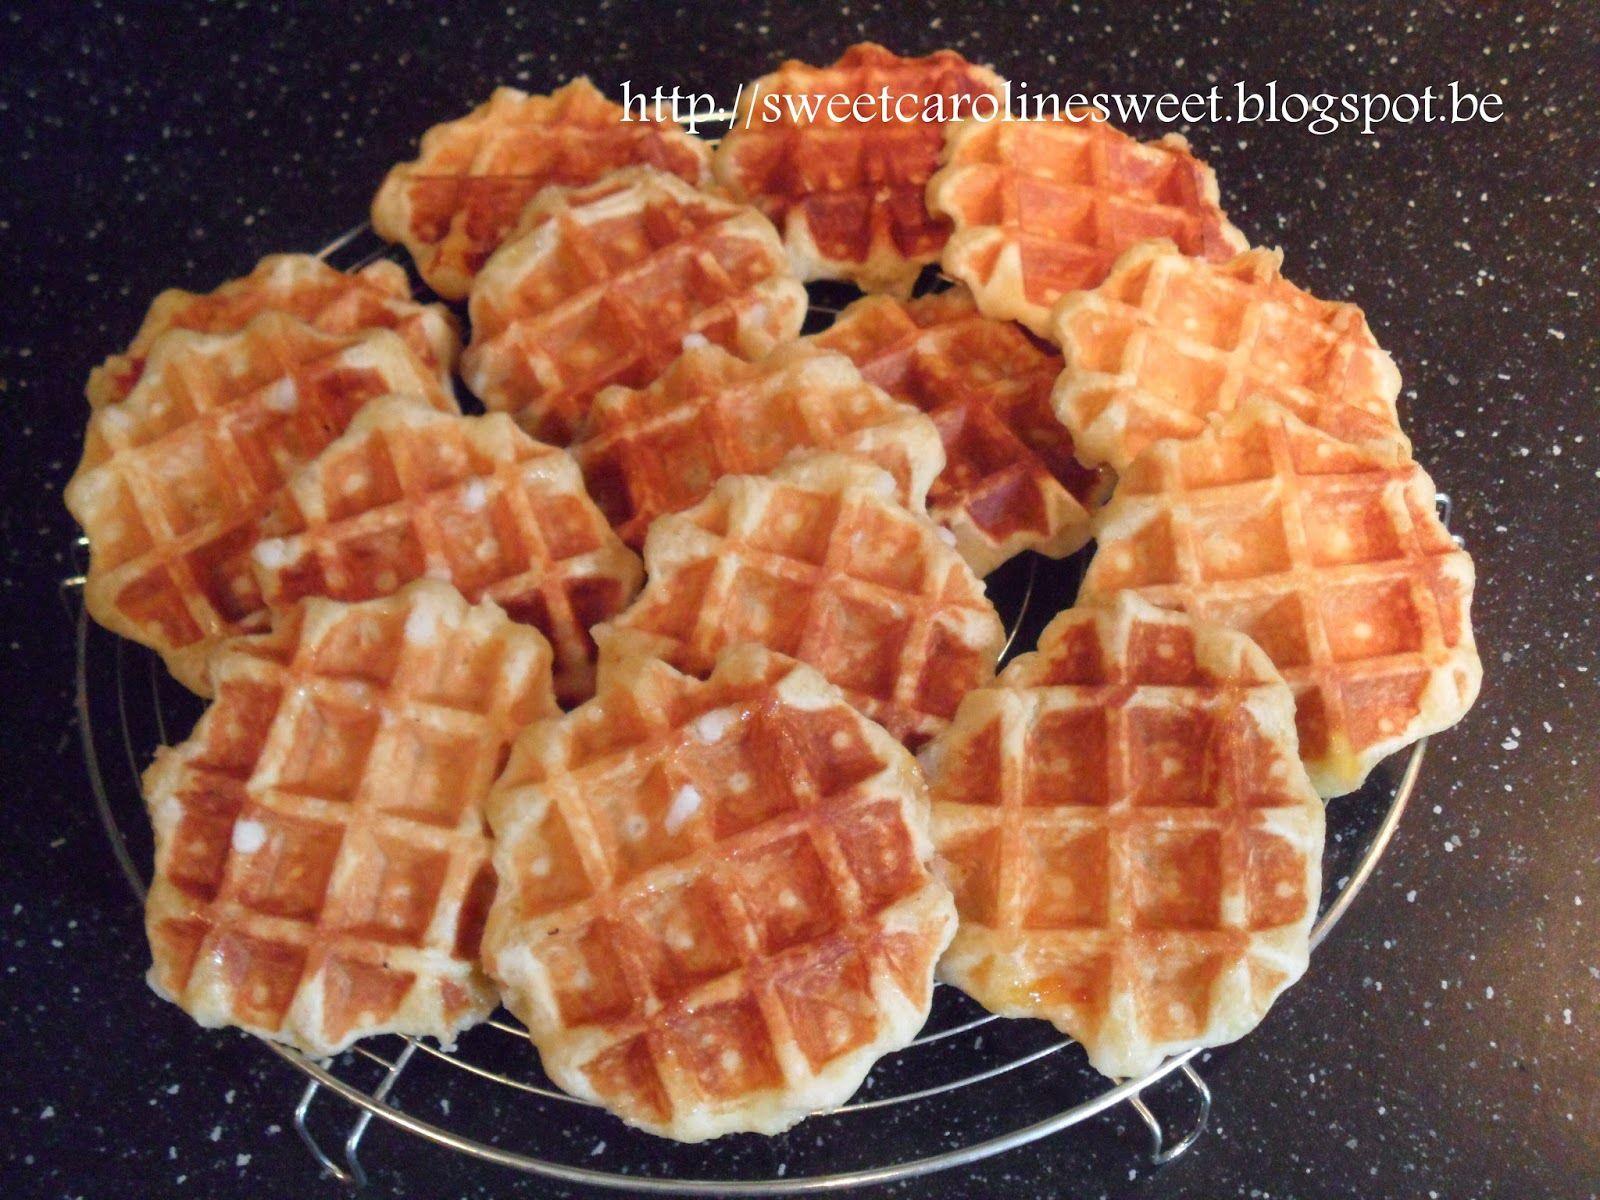 Luikse wafels of suikerwafels - http://www.mytaste.be/r/luikse-wafels-of-suikerwafels-13420064.html